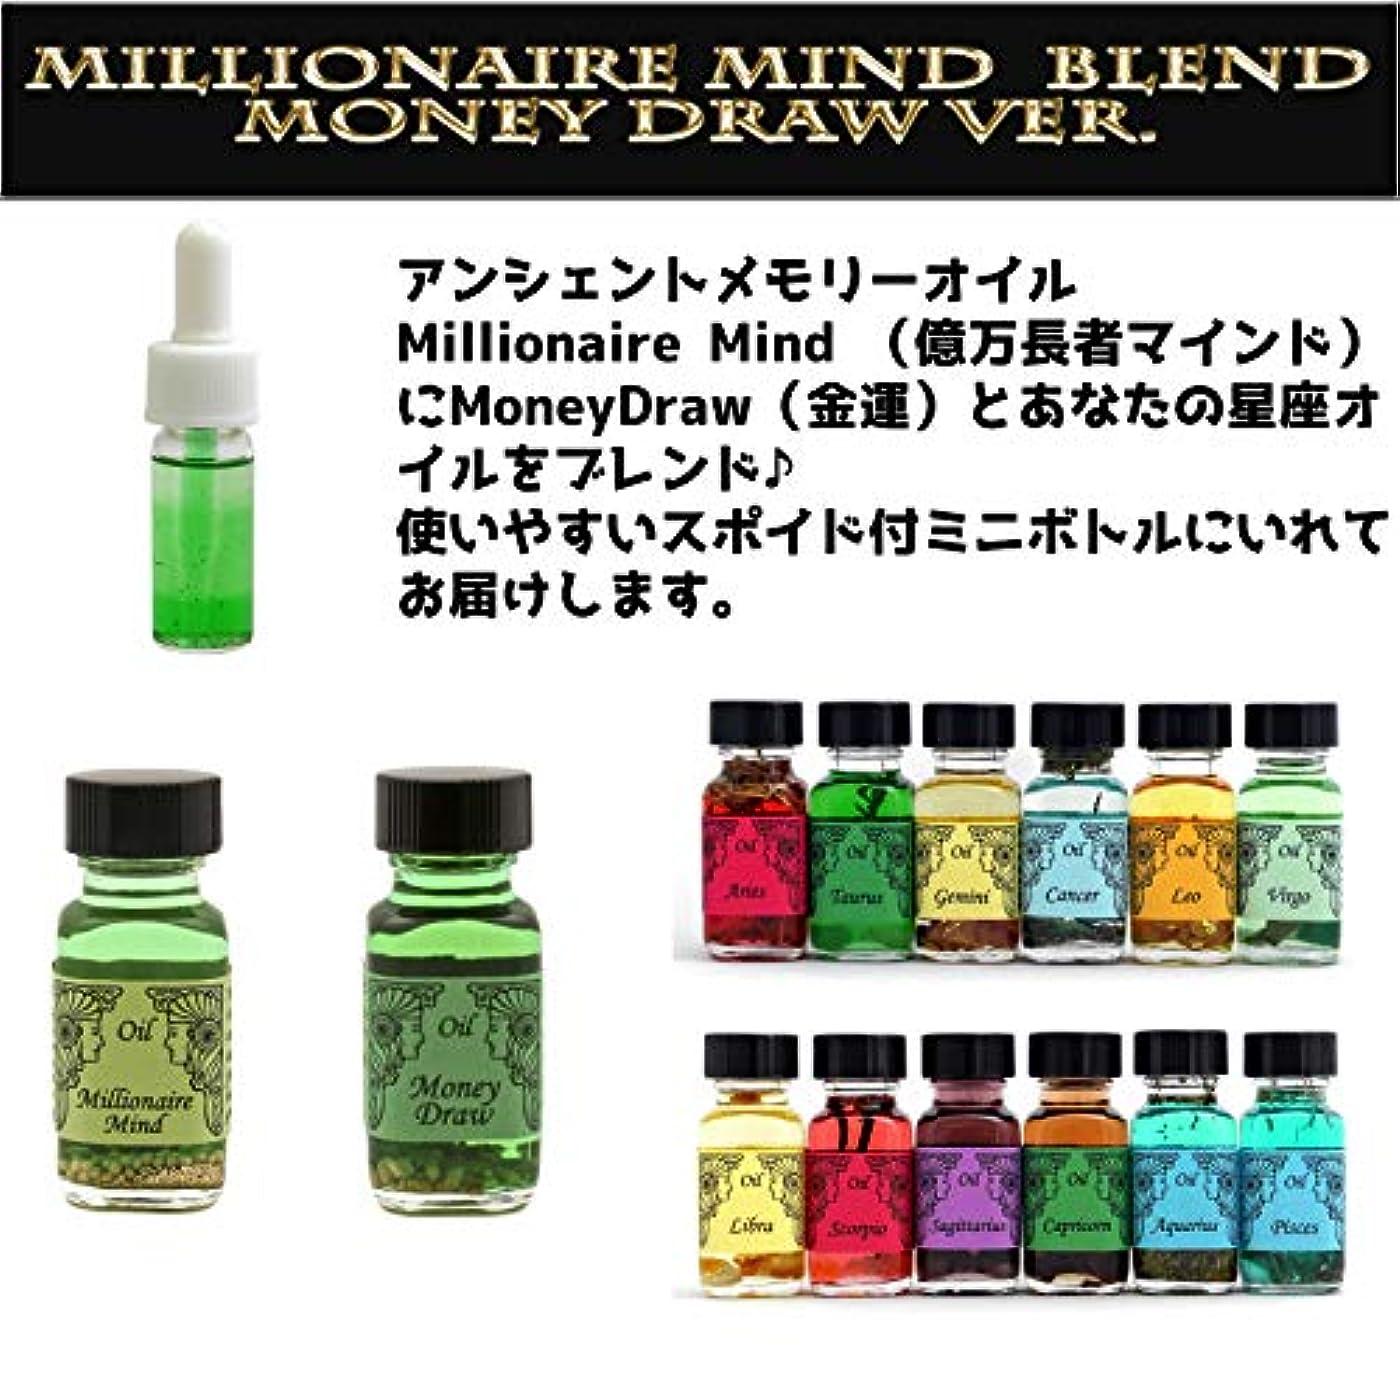 経済トピックハードウェアアンシェントメモリーオイル Millionaire Mind 億万長者マインド ブレンド(Money Drawマネードロー(金運)&やぎ座